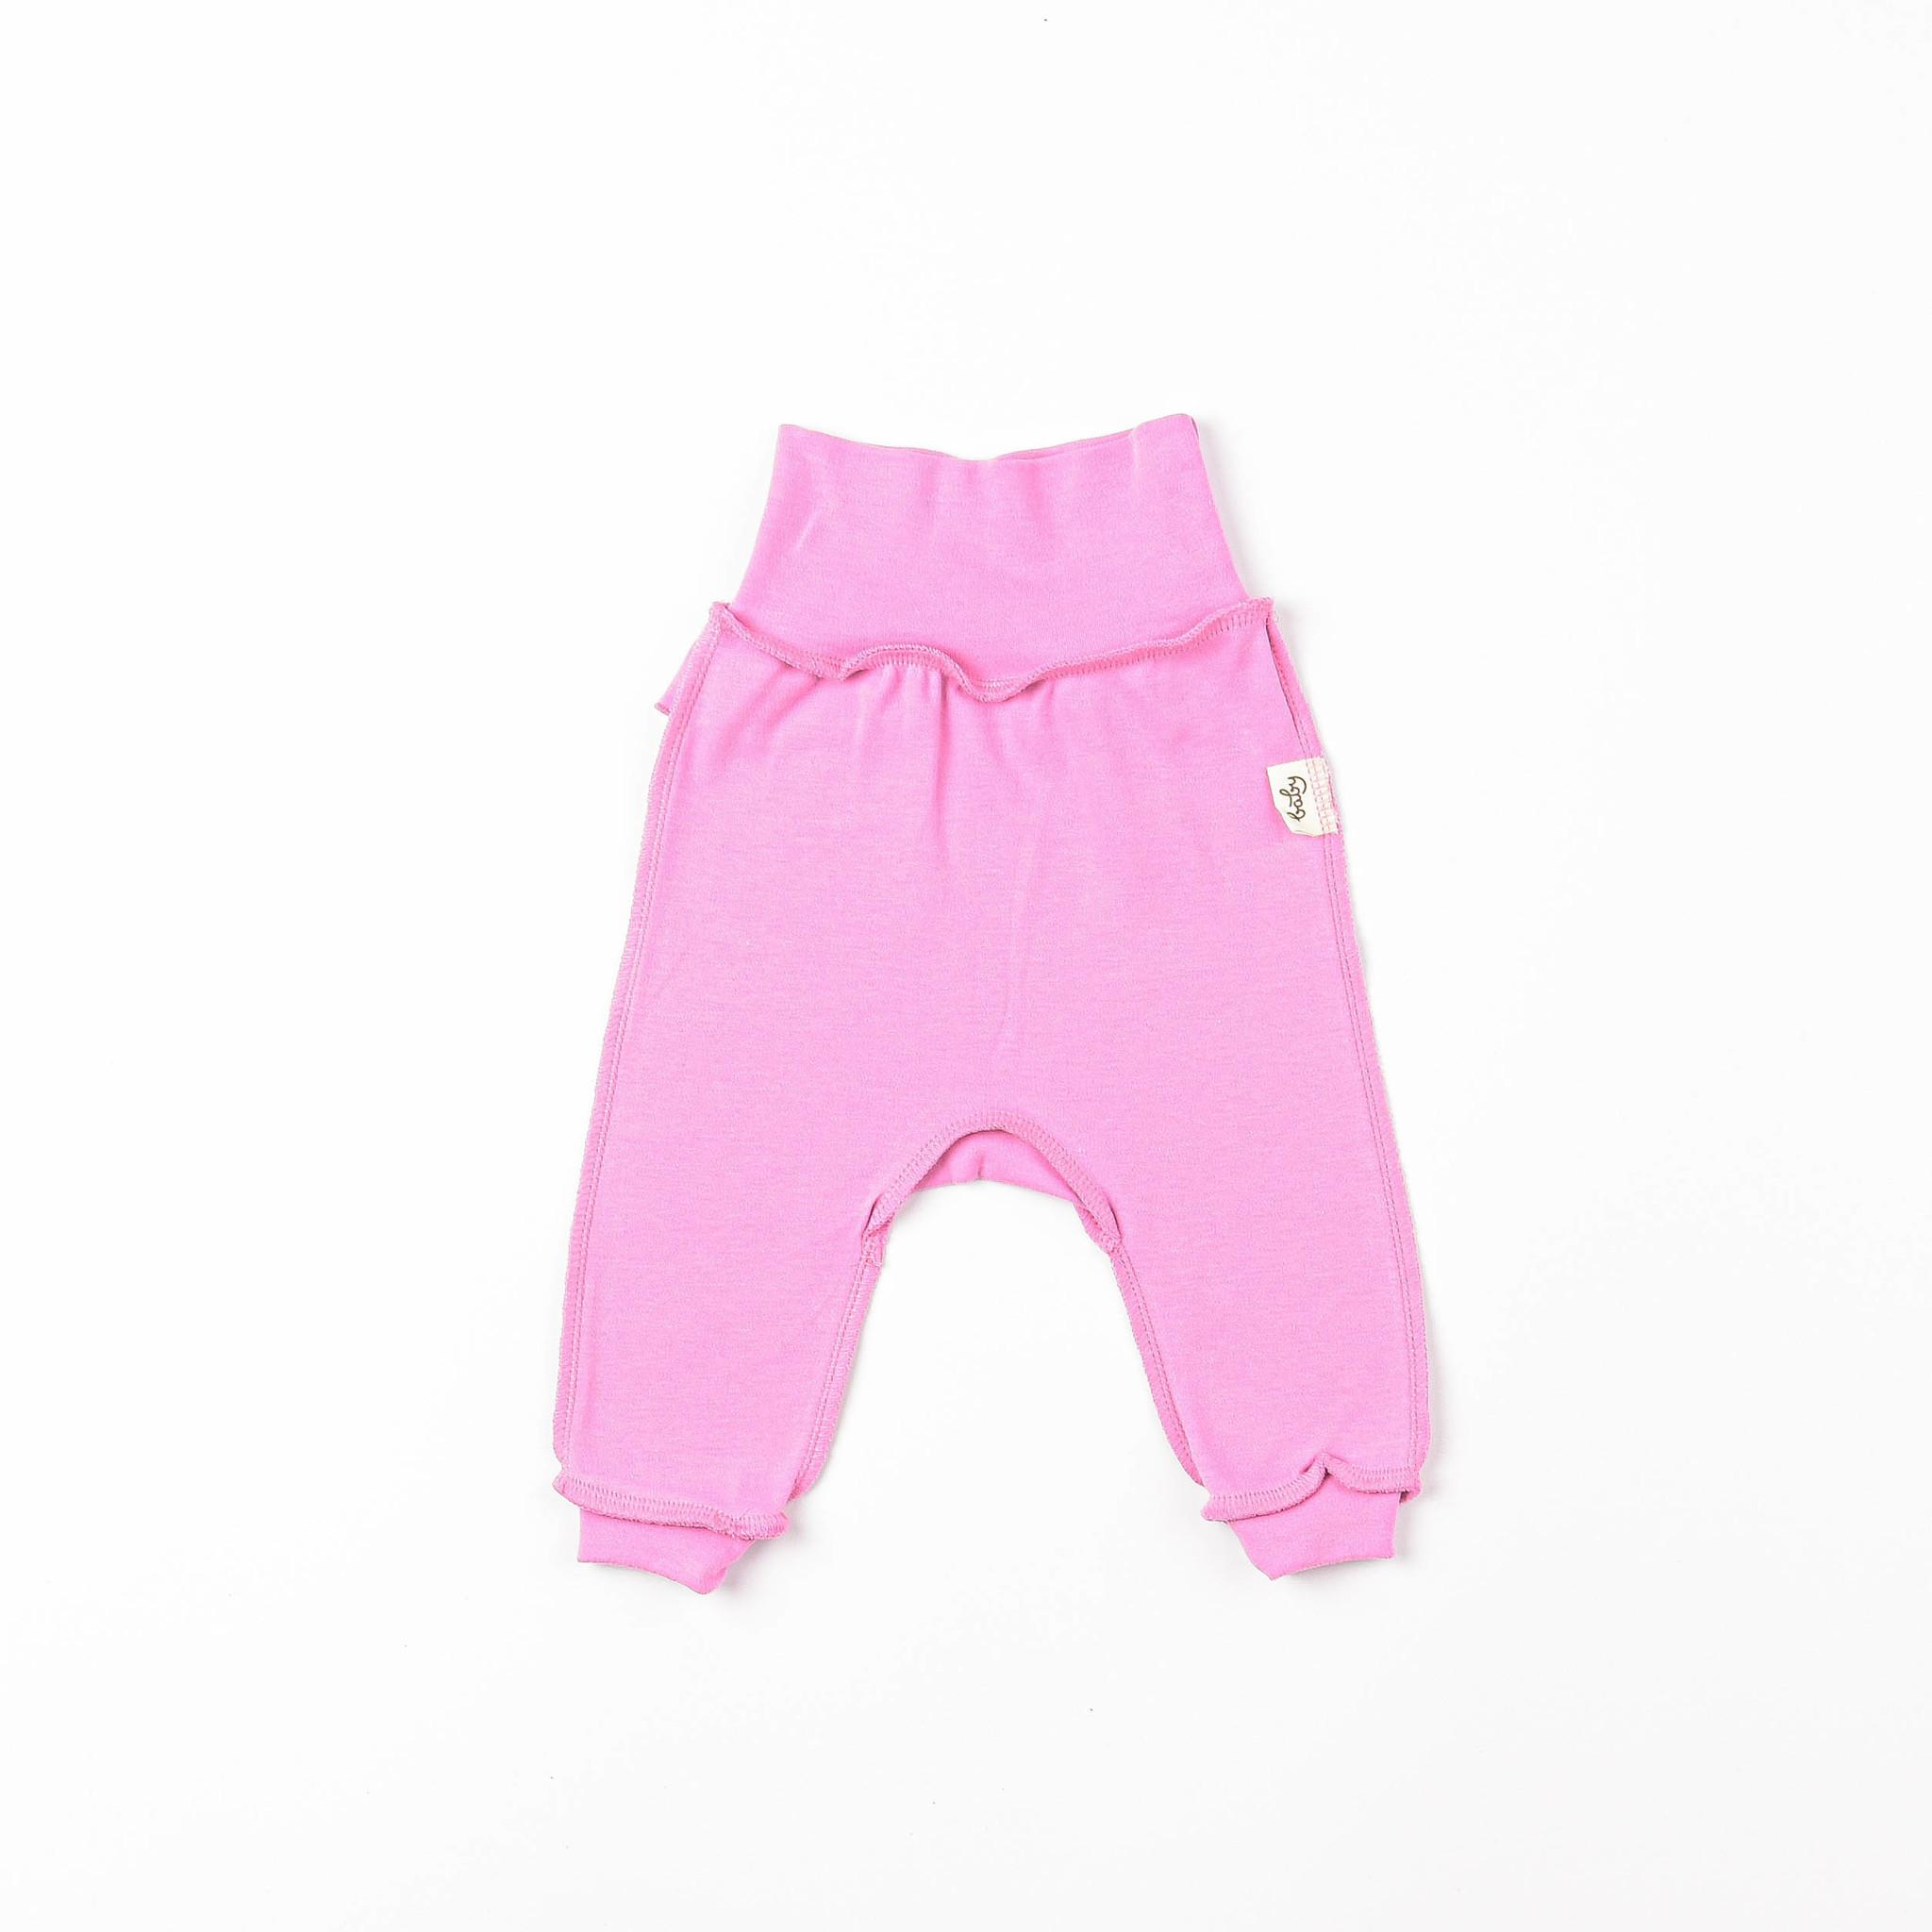 Ruffled leggings 0+, Peony